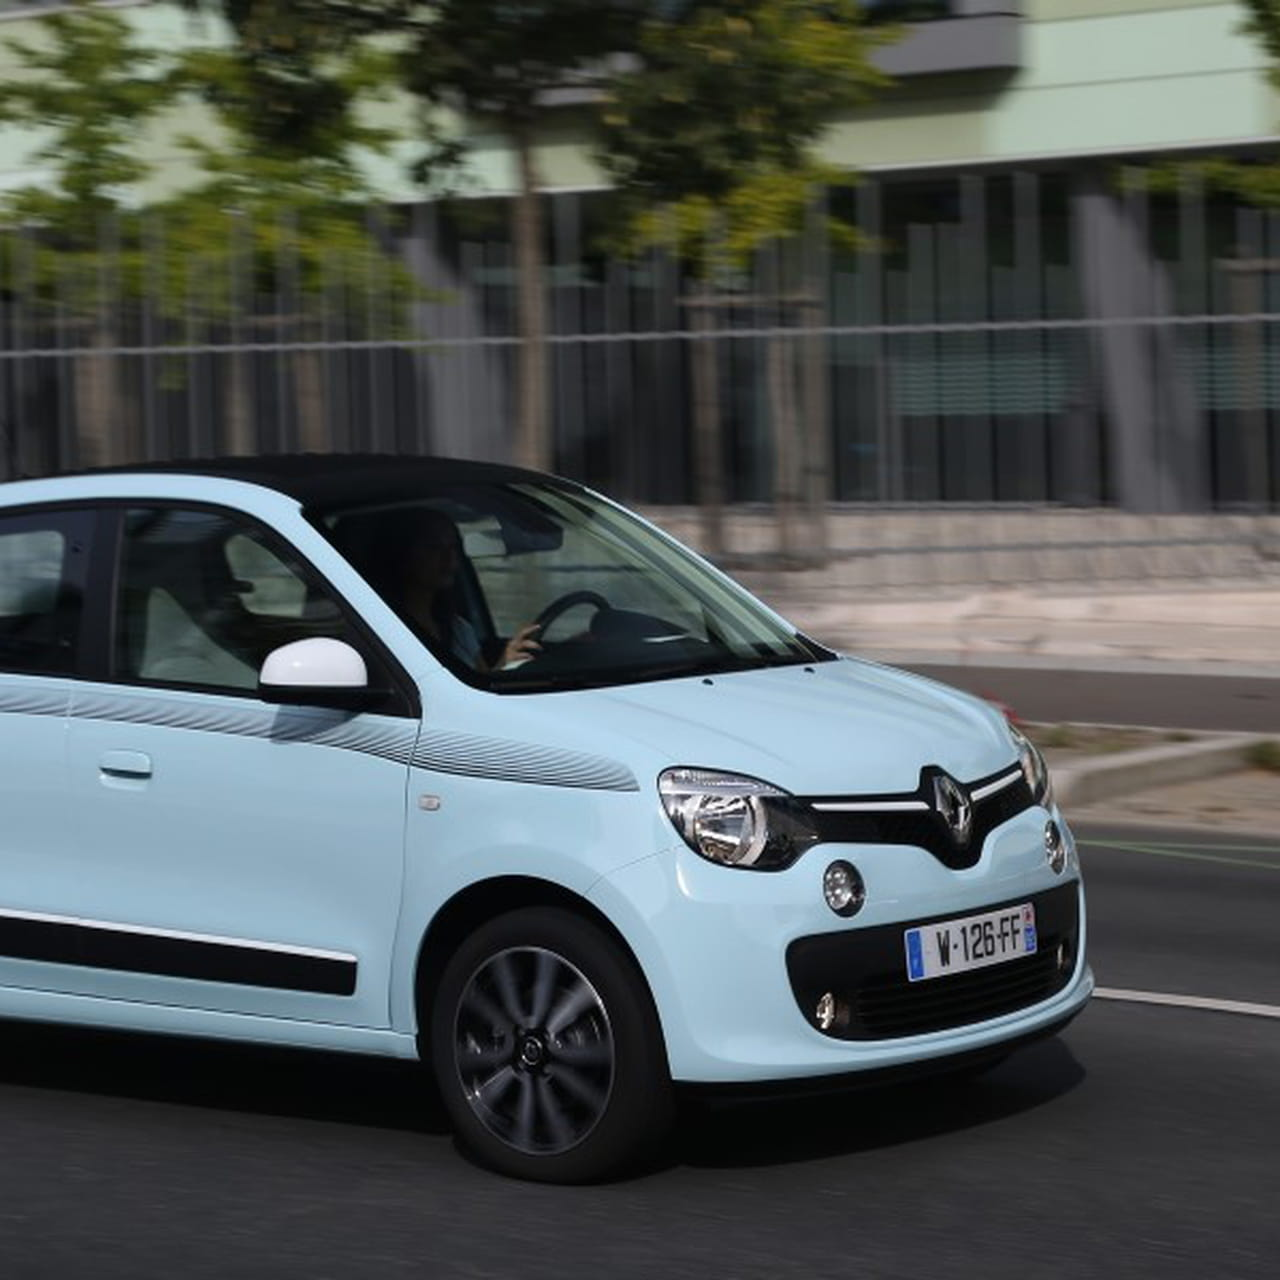 Renault Twingo La Seule Renault Proche Des 10 000 Euros